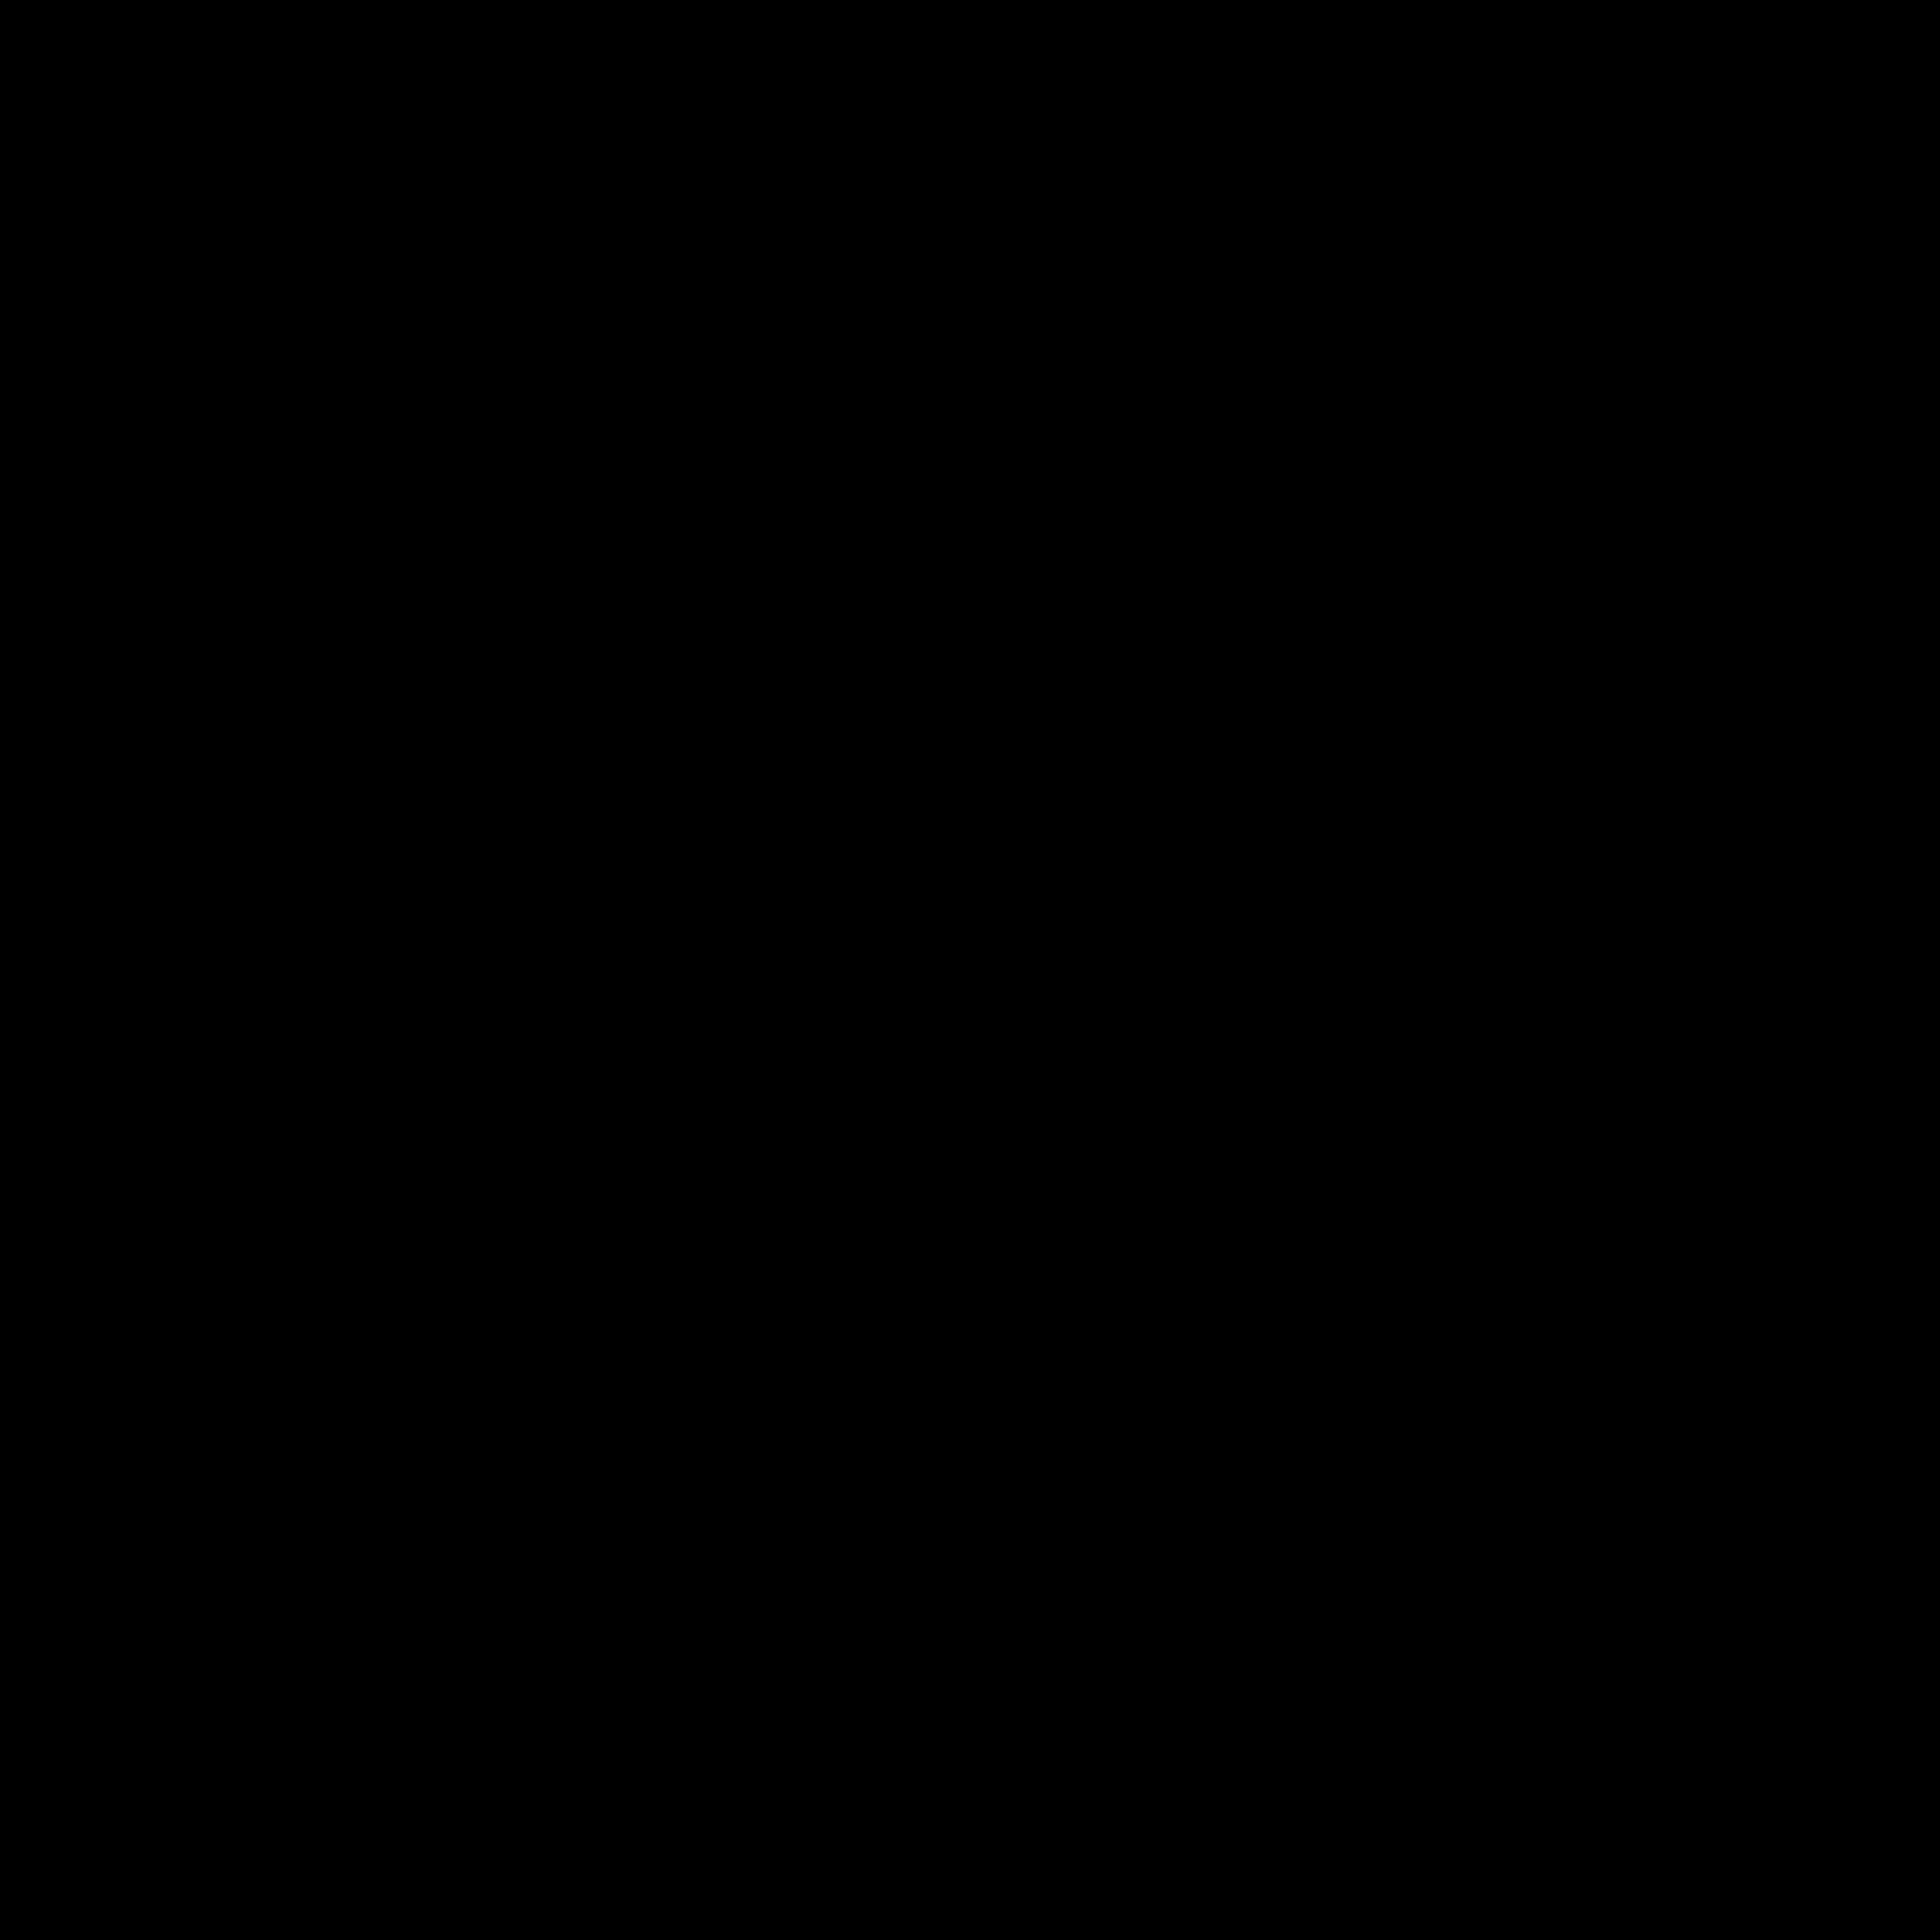 醸鹿 KamoshiKa